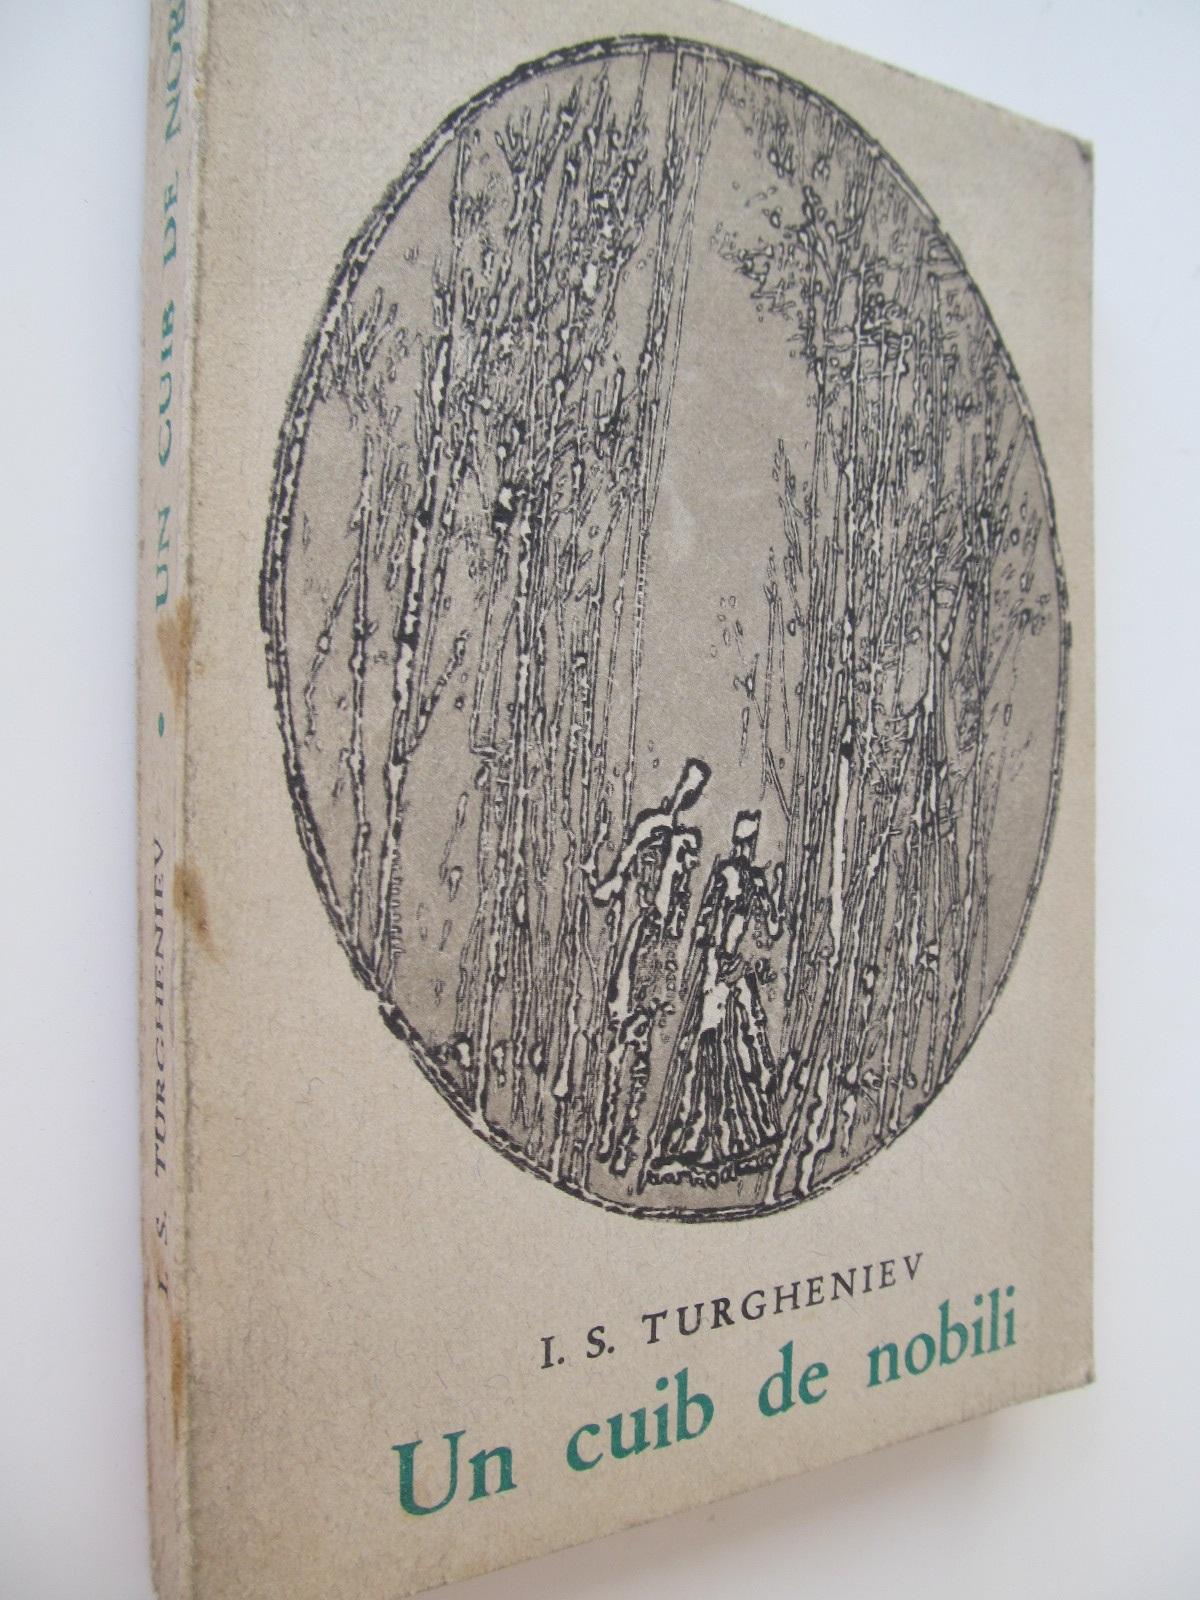 Un cuib de nobili - I. S. Turgheniev | Detalii carte